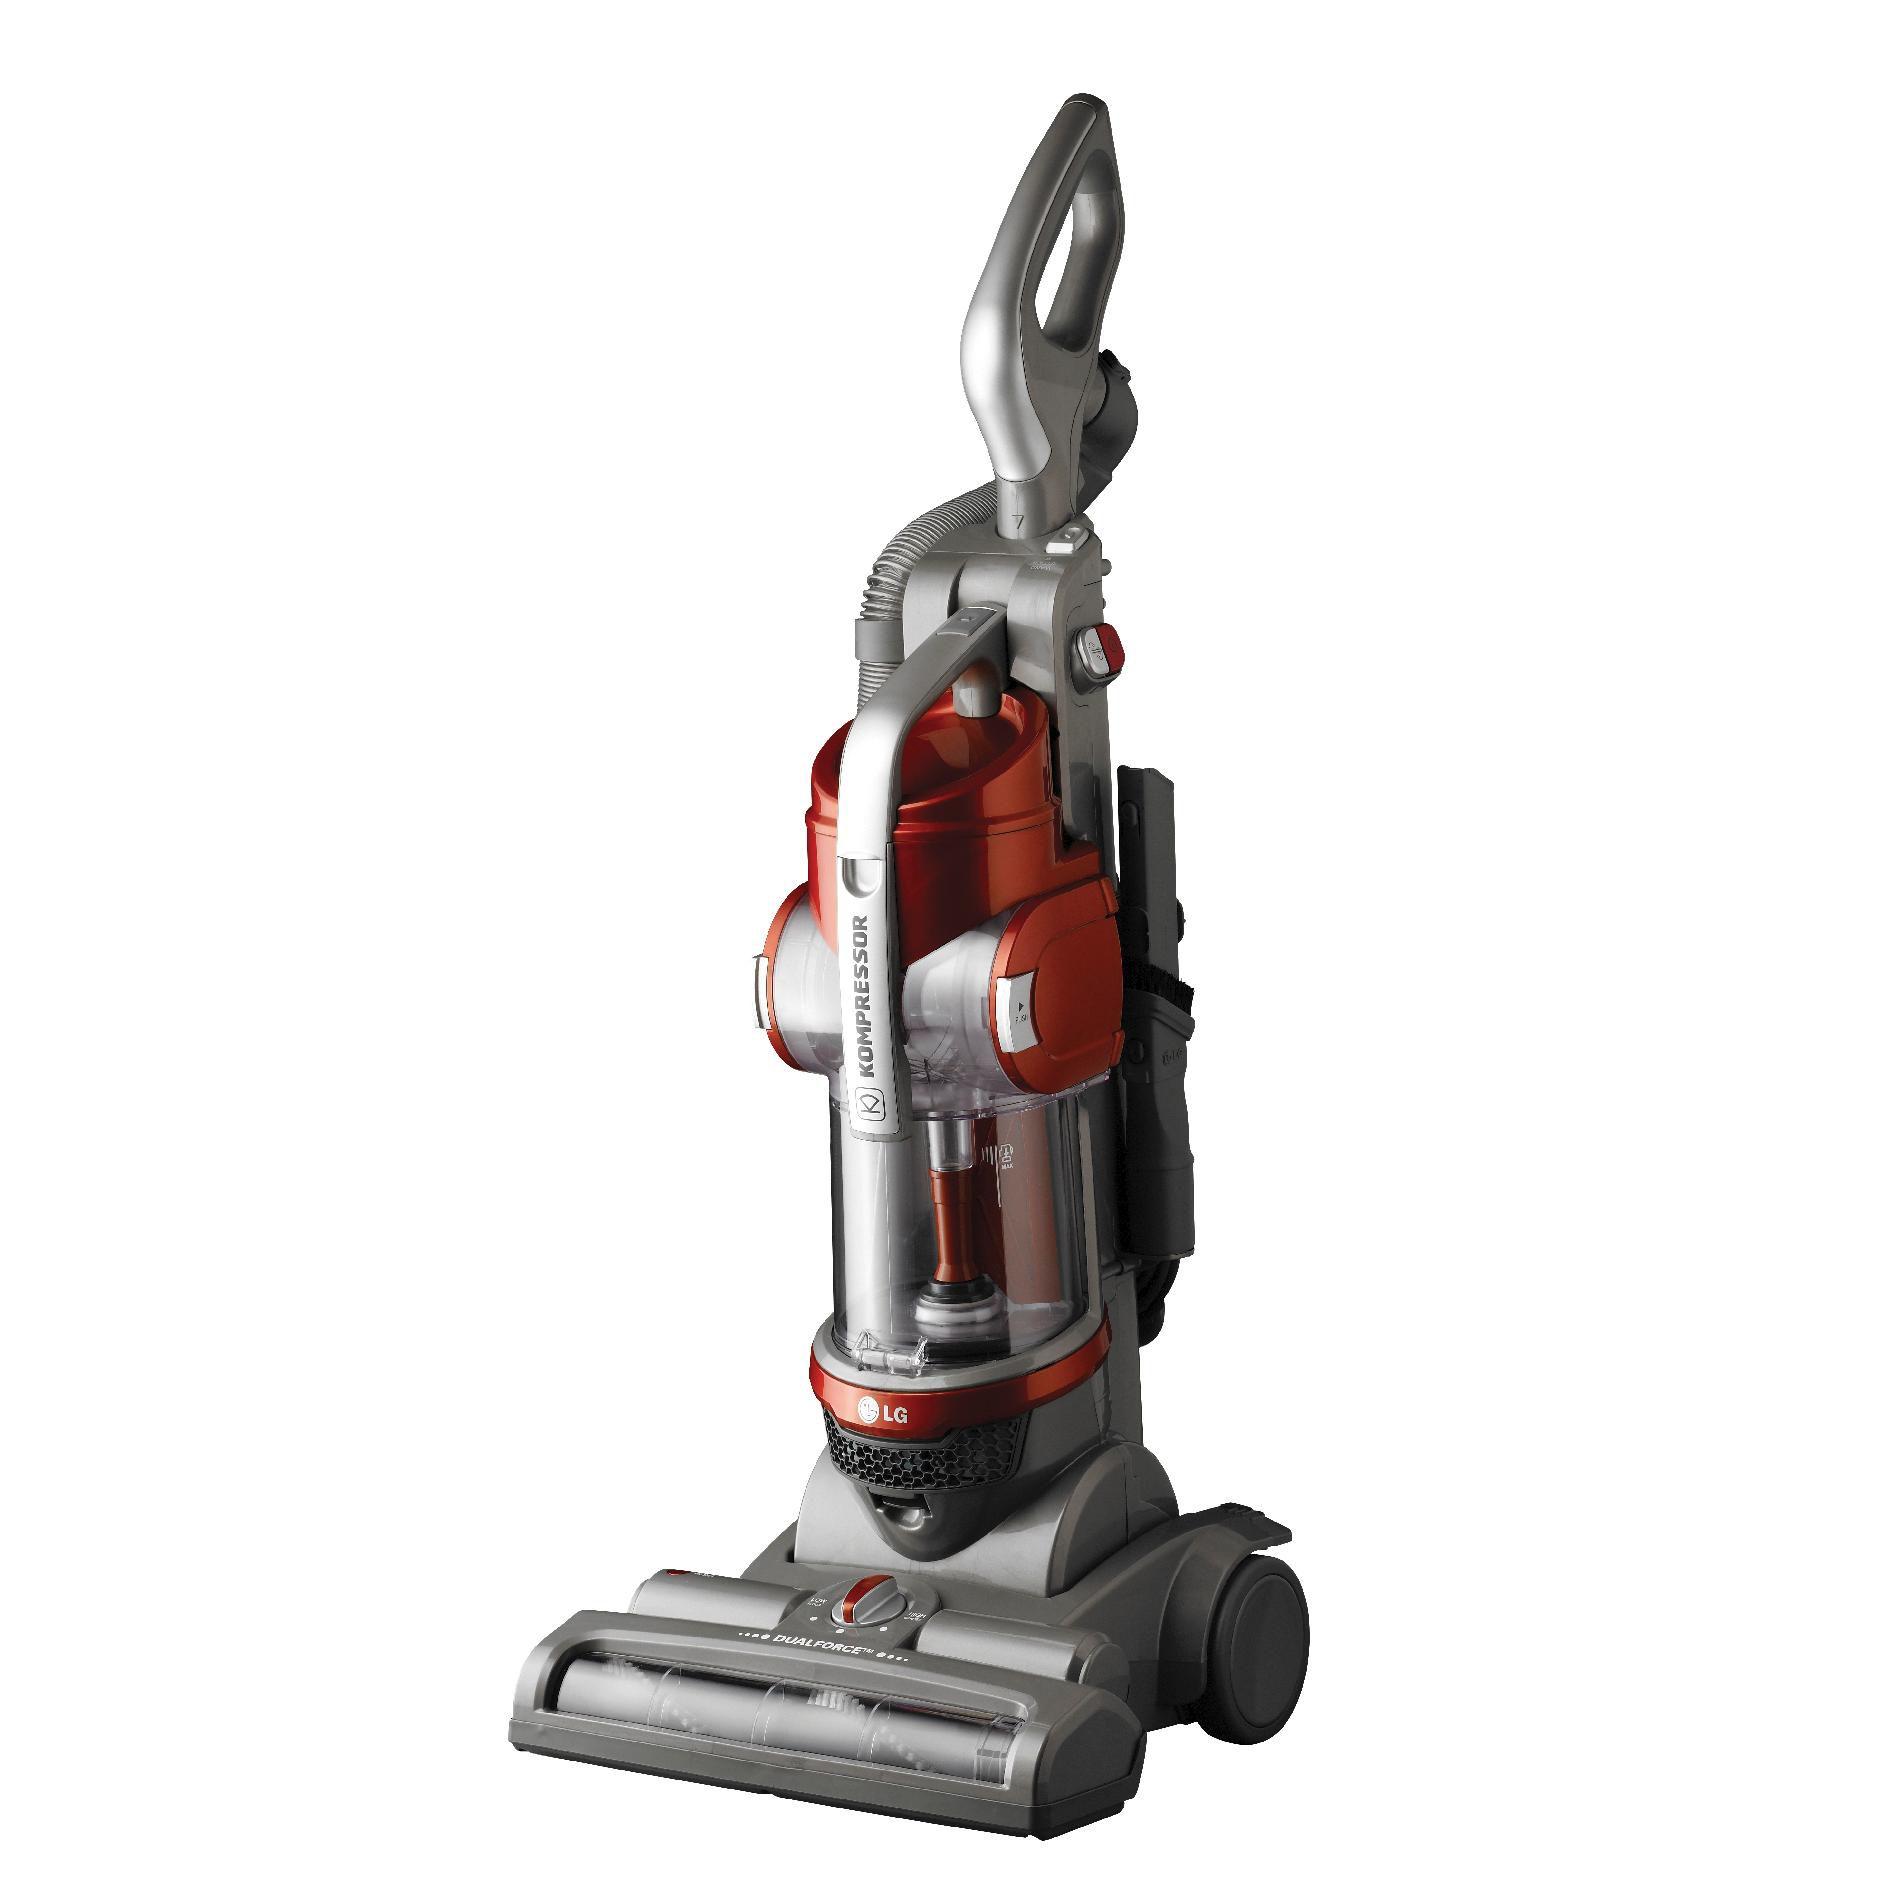 LG PetCare Vacuum Cleaner LUV250C